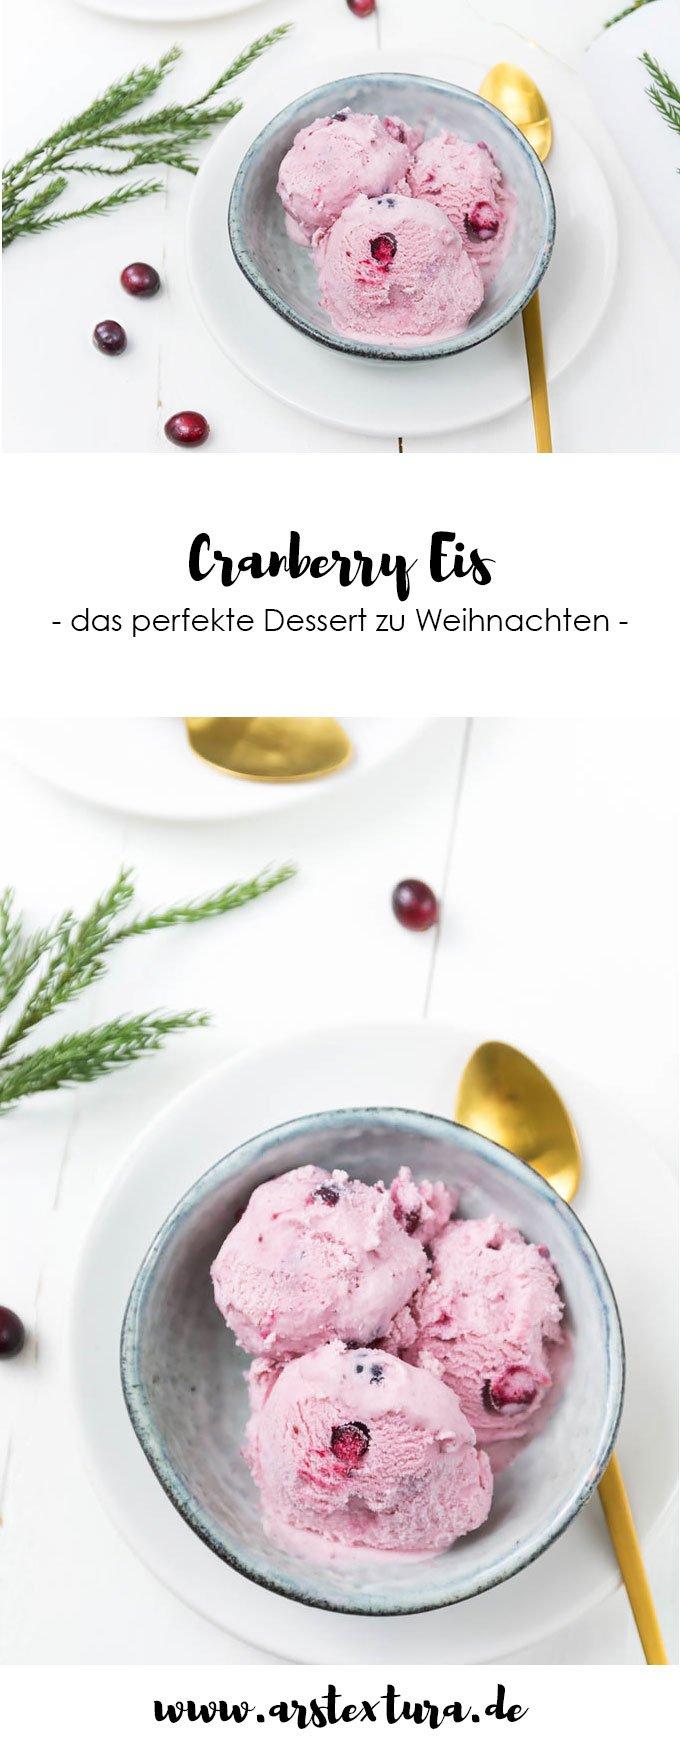 Cranberry Eis zu Weihnachten - der perfekte Nachtisch zur Weihnachtszeit